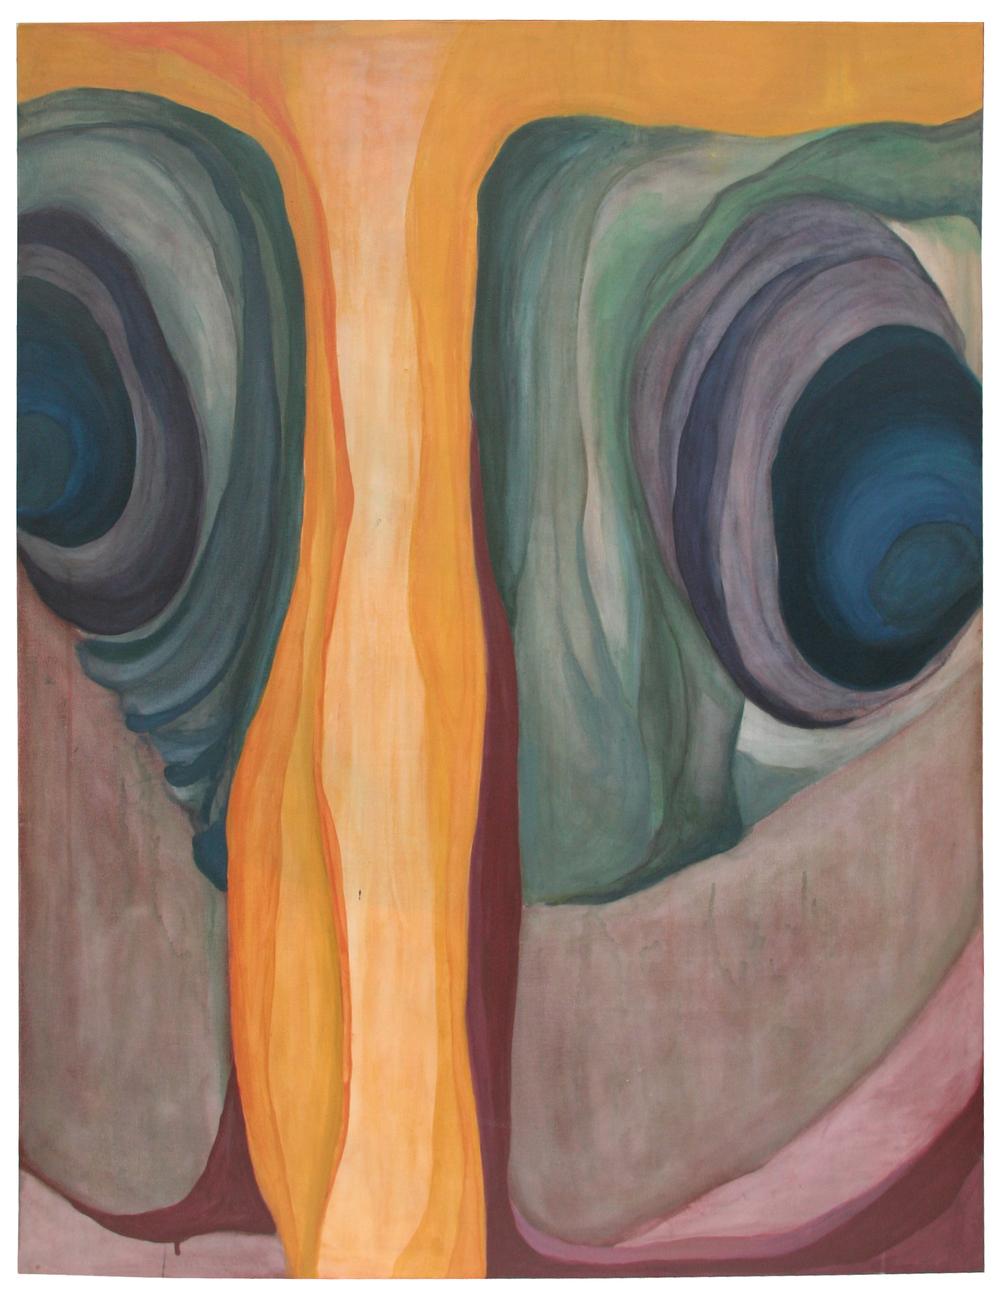 acrylic on canvas / fall 2008